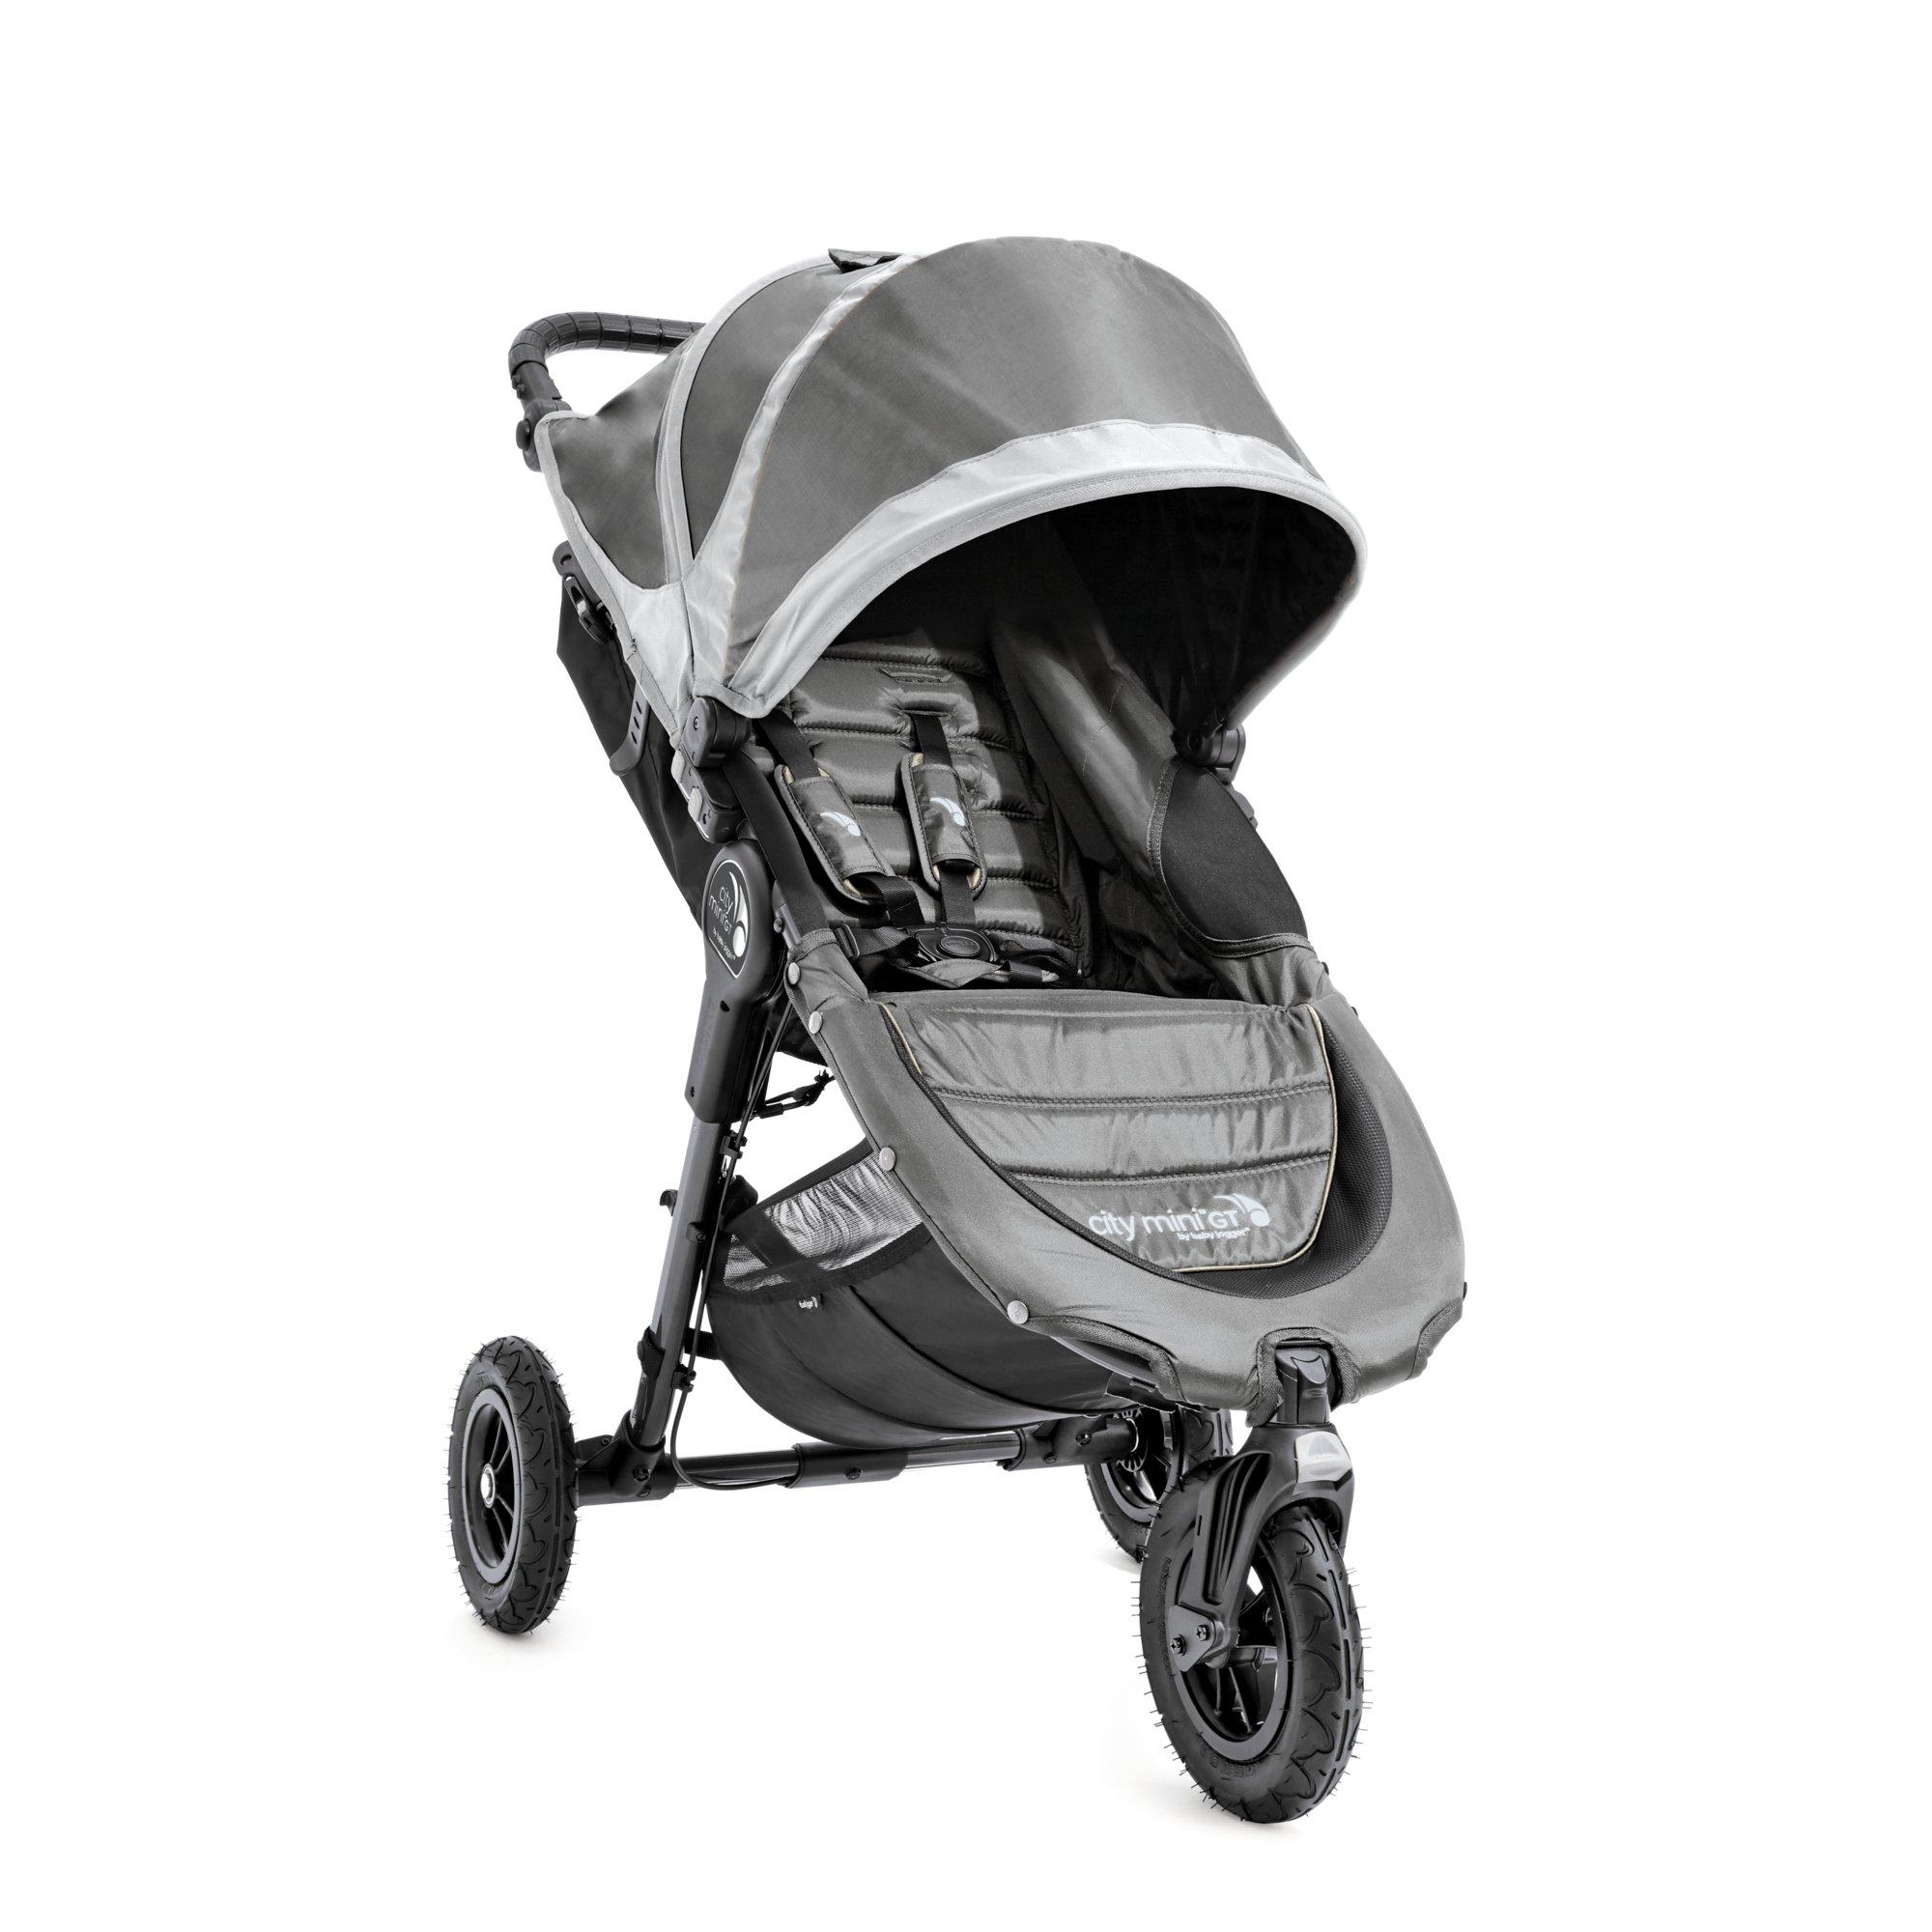 Amazon.com : Baby Jogger Deluxe Pram - Gray : Baby